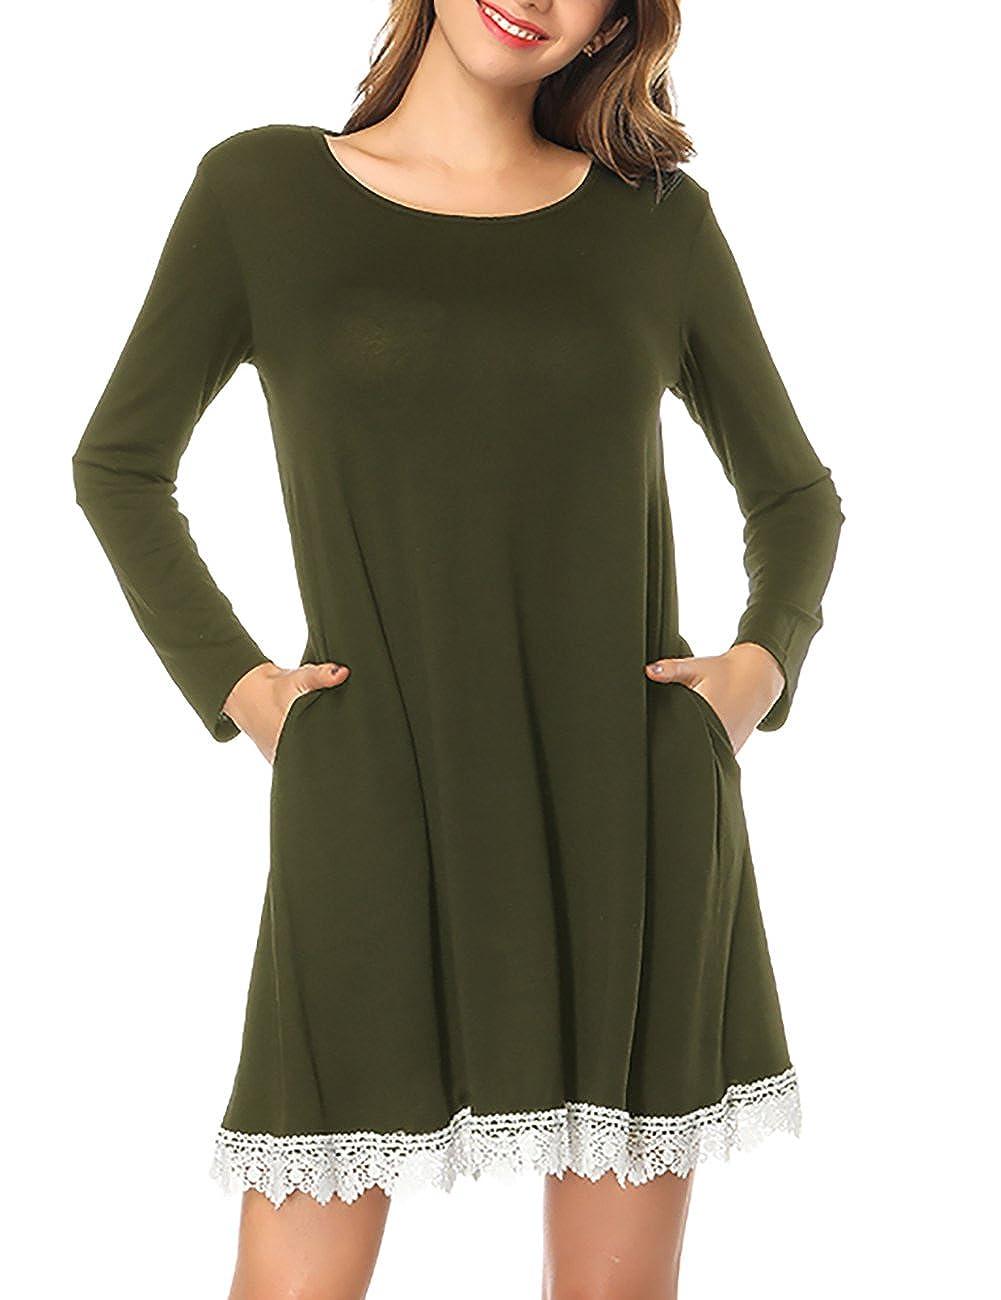 Omerker Womens Long Sleeve Pockets Lace T Shirt Dress Knee Length